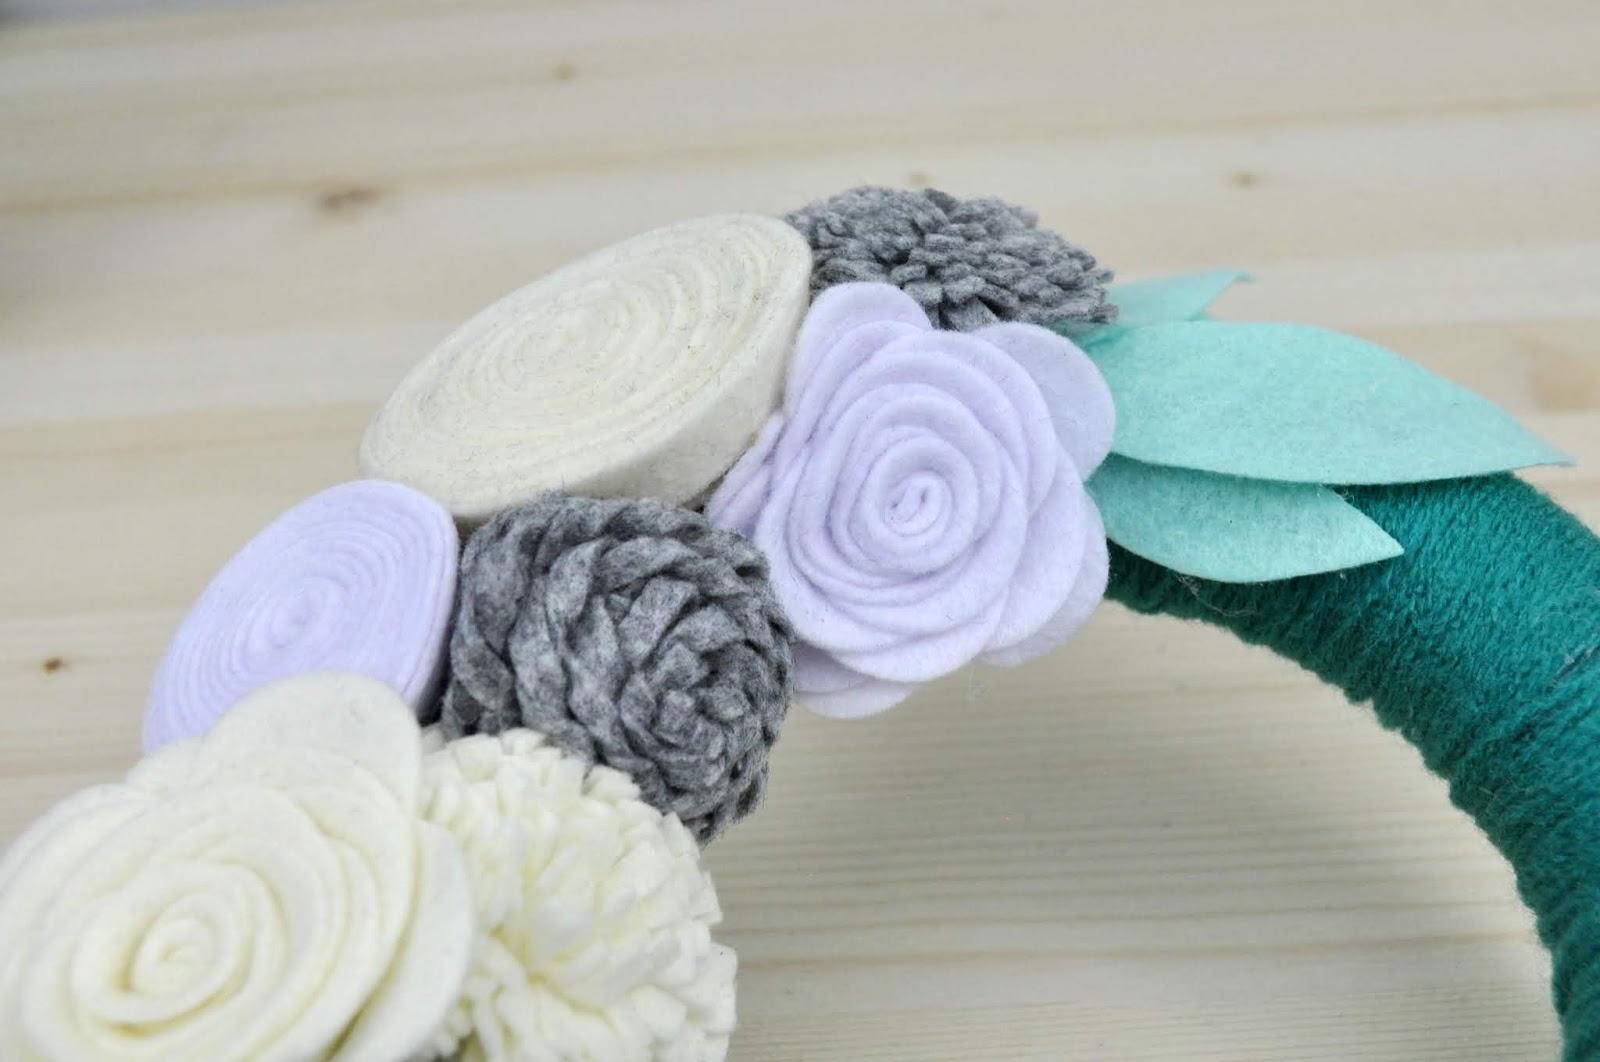 Jillibean Soup yarn wrapped, felt flower wreath tutorial by Jen Gallacher. #wreathmaking #jillibeansoup #felt flowers